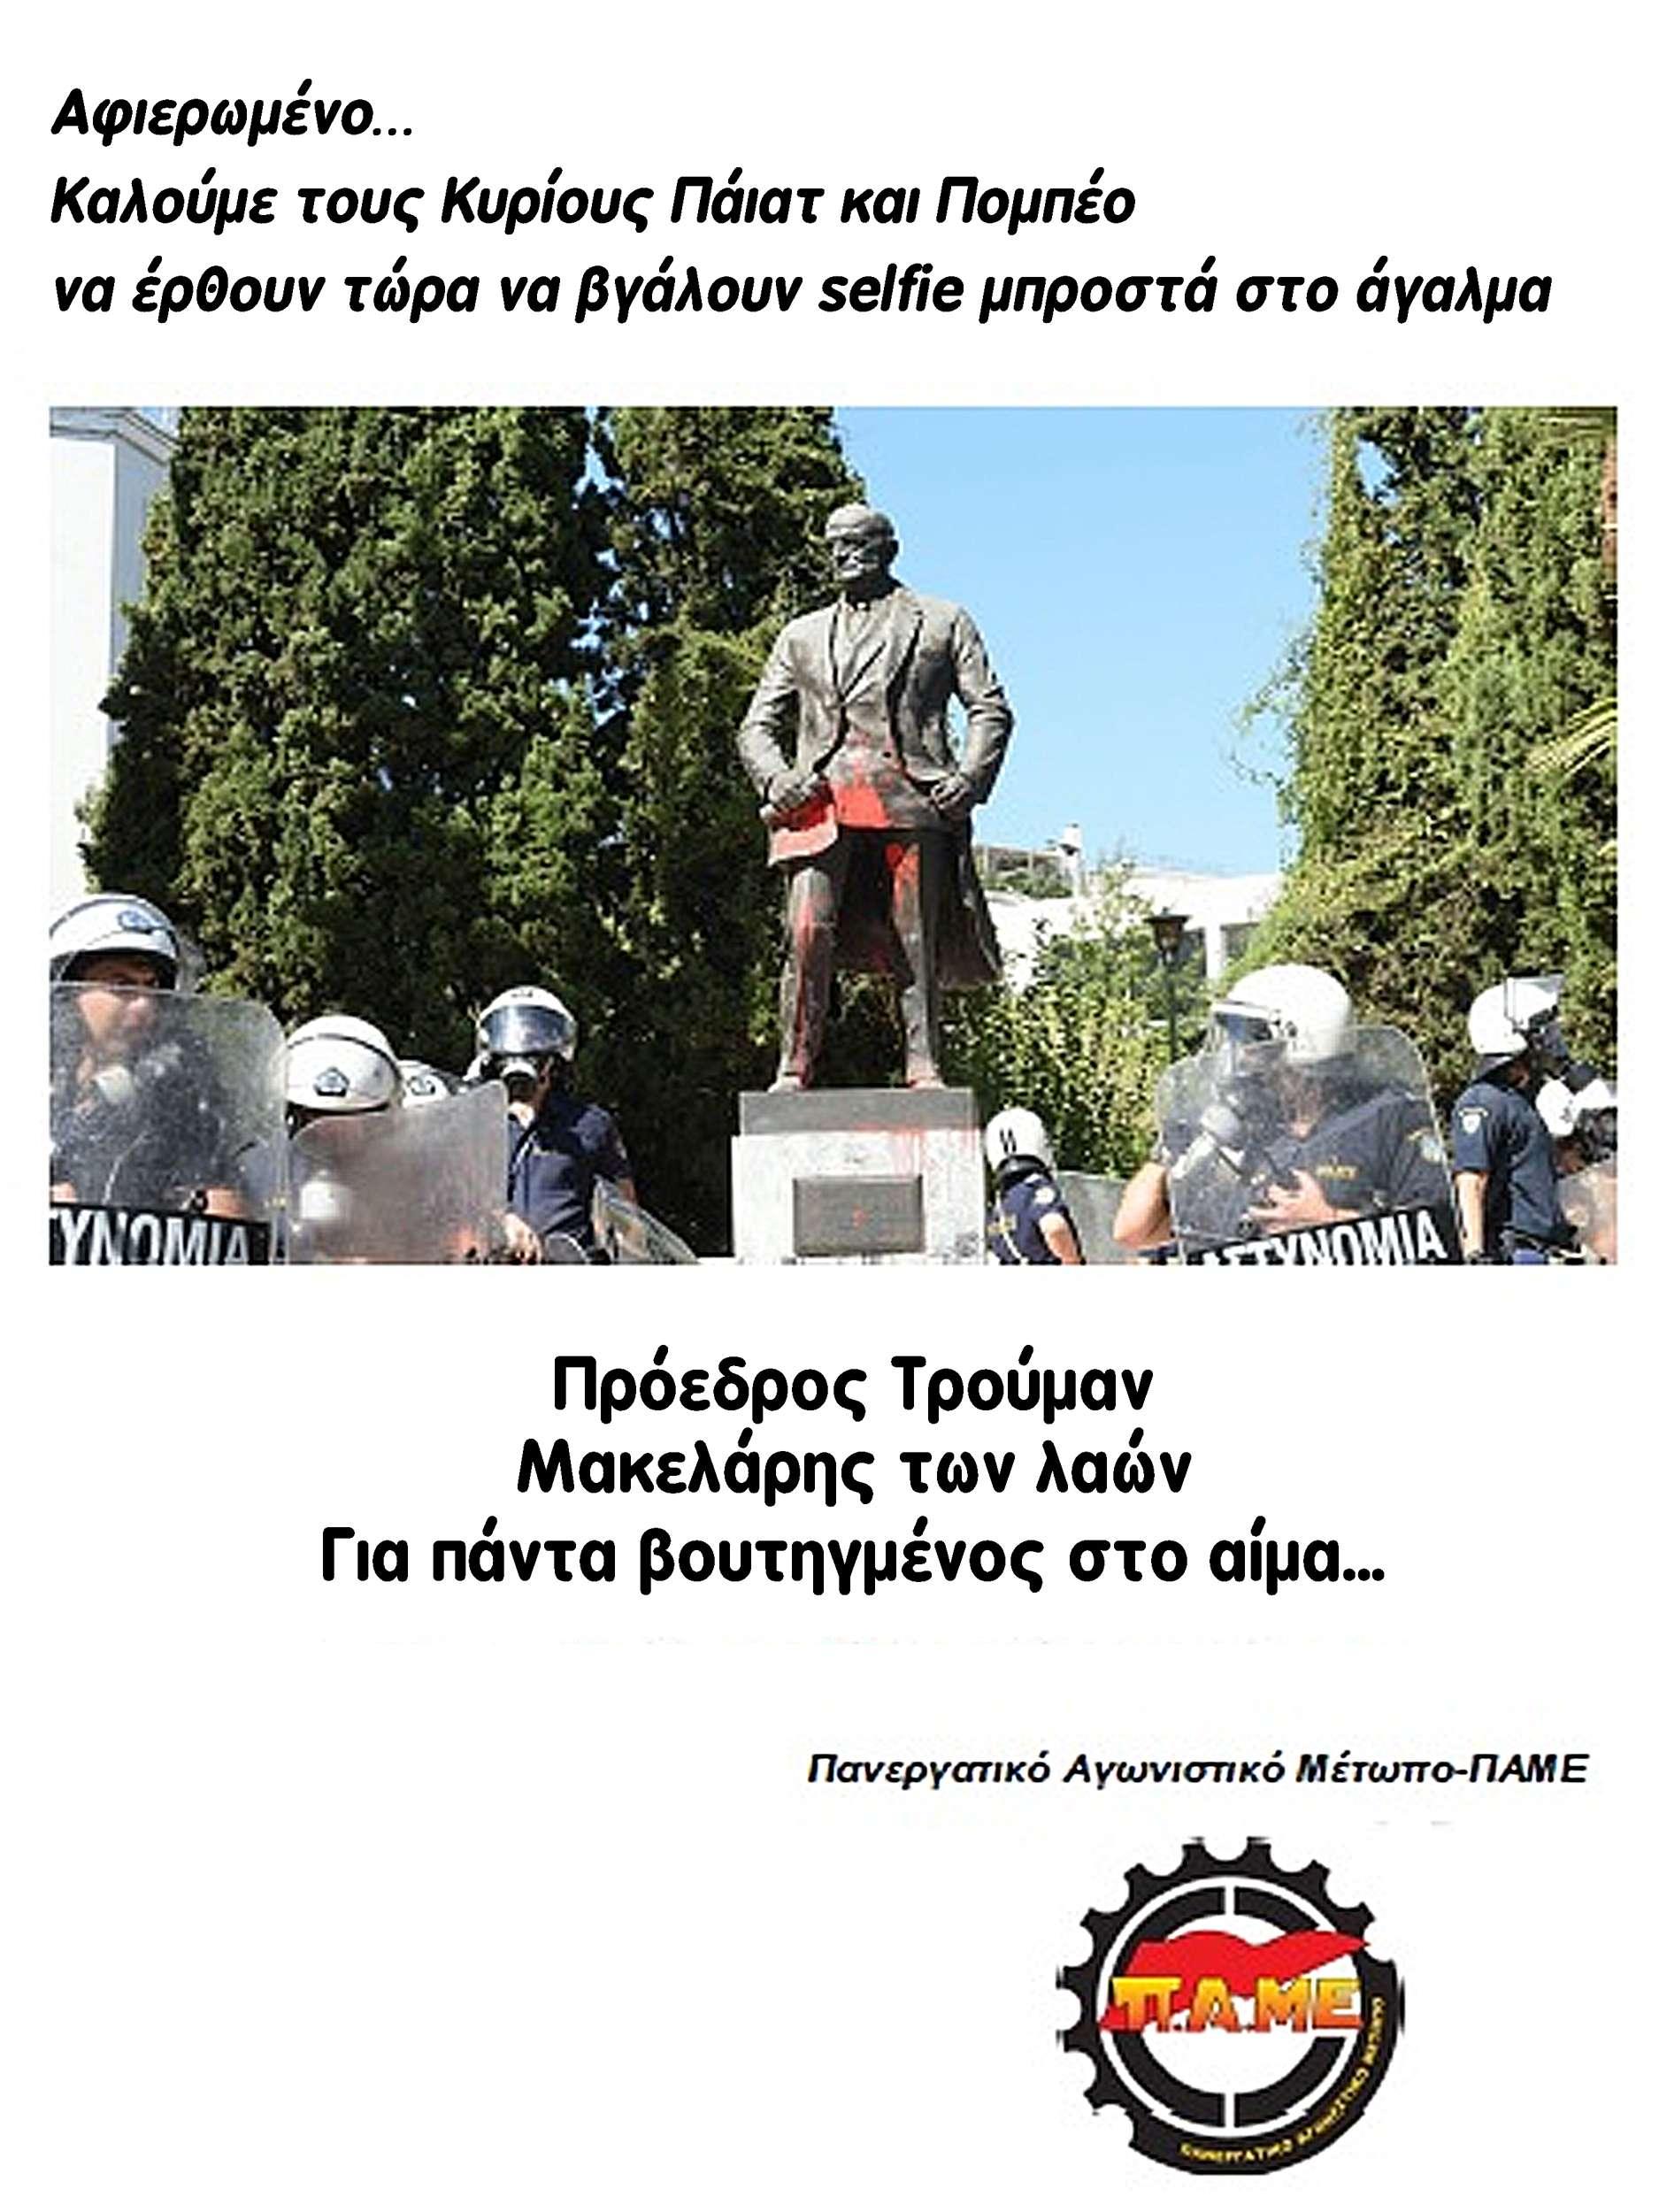 Καλούμε τους Κυρίους Πάιατ Πομπέο να έρθουν τώρα να βγάλουν selfie μπροστά στο άγαλμα